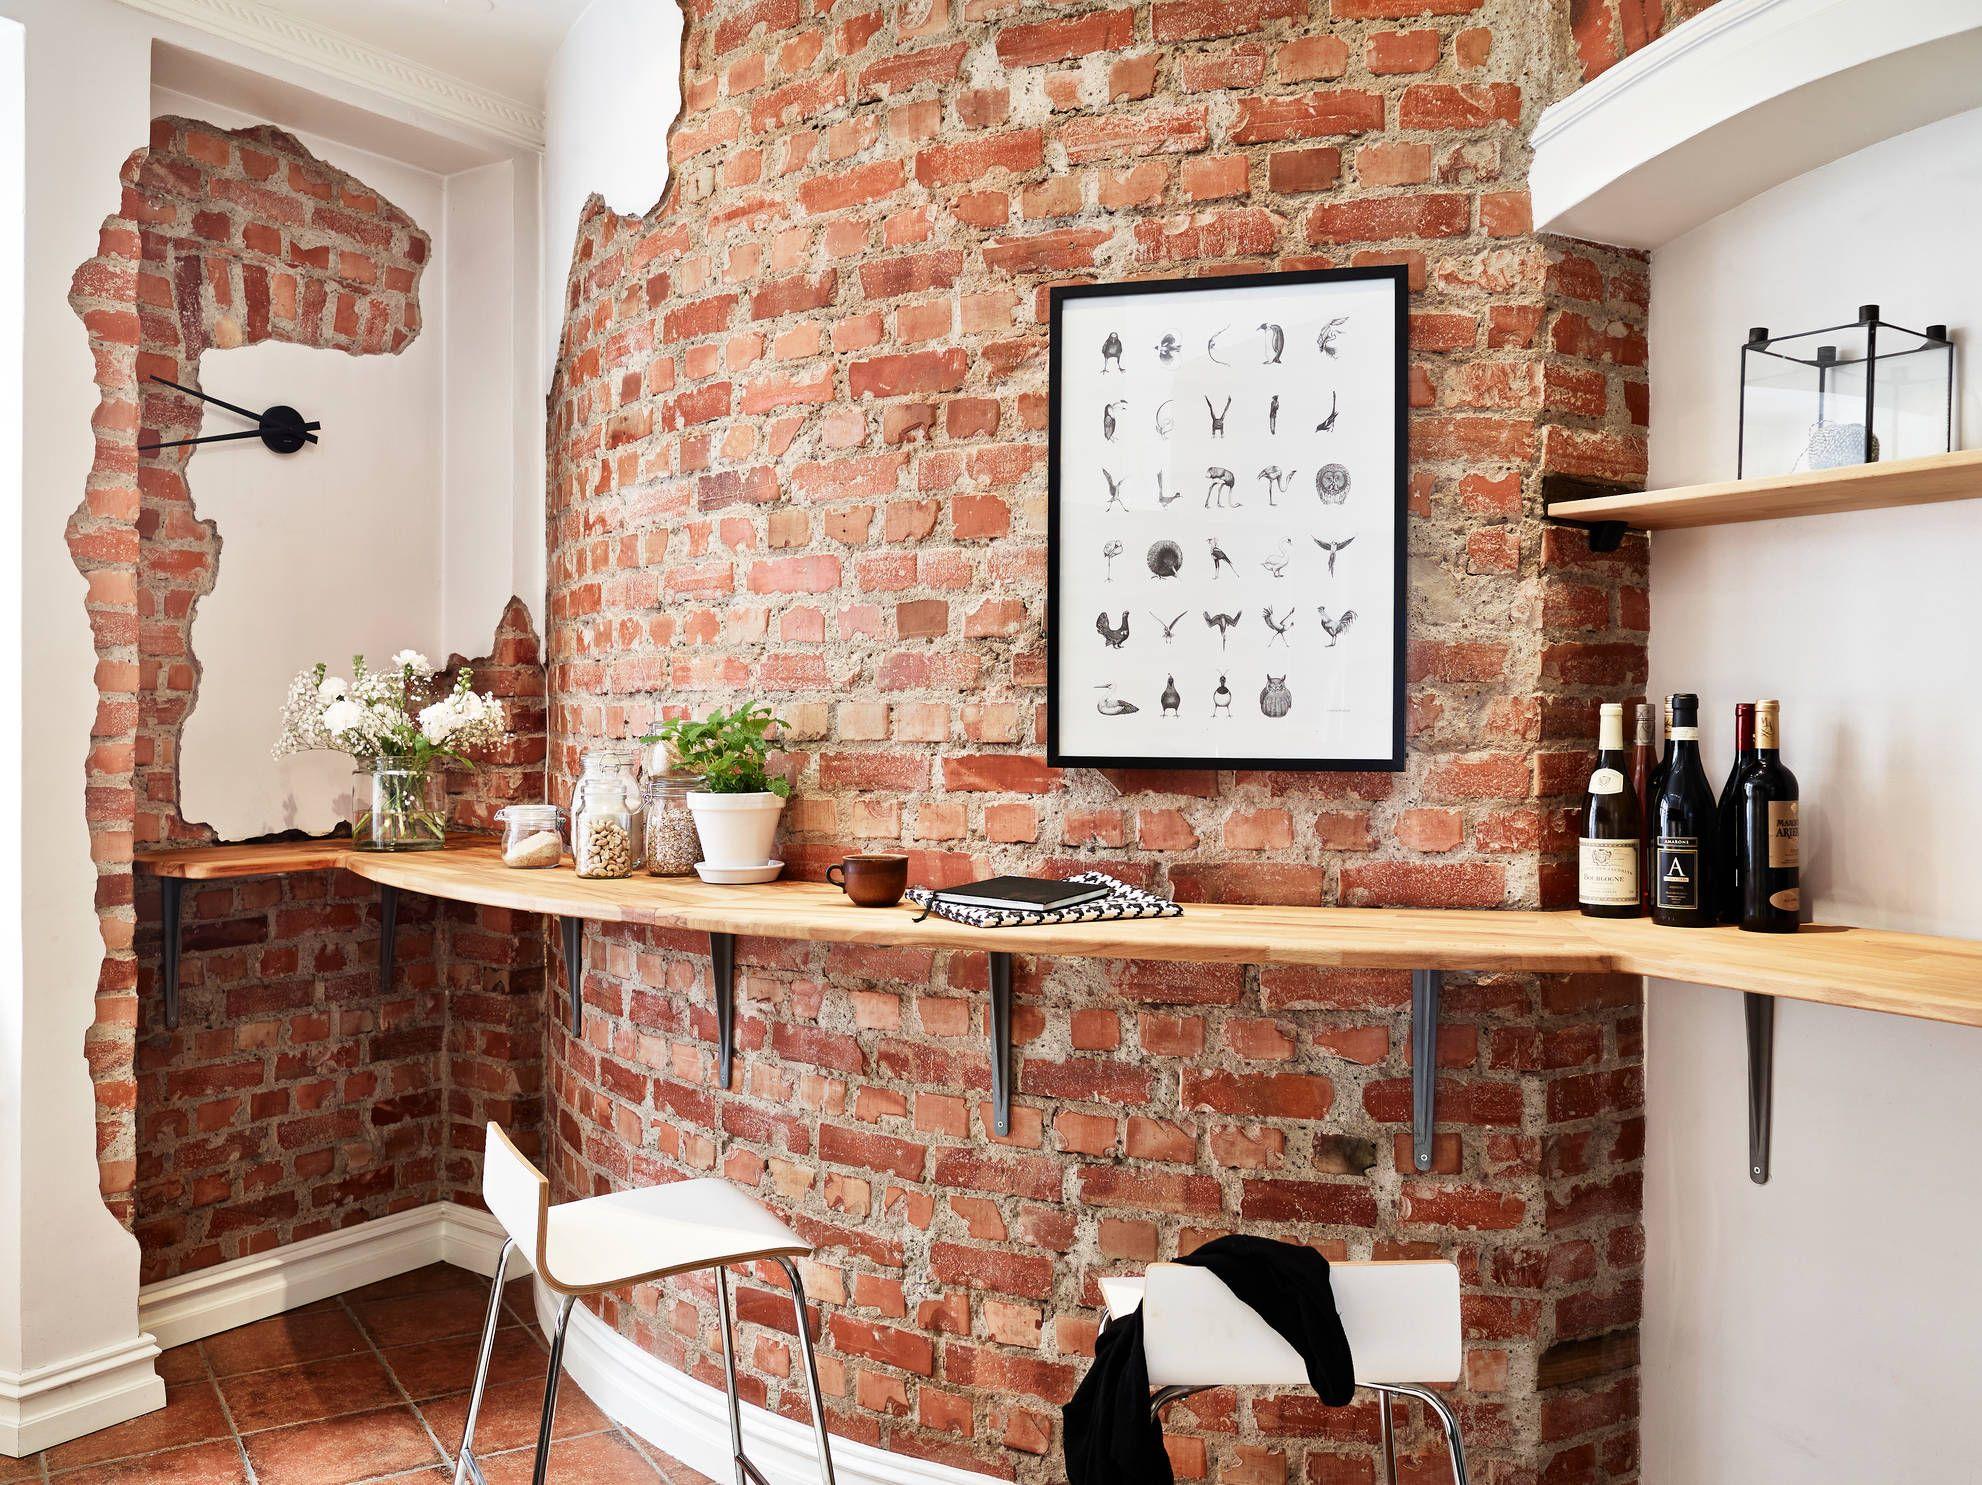 Dise O Interior Escandinavo Bano Y Marfil Un Peque O Apartamento  ~ Pinterest Decoracion De Interiores